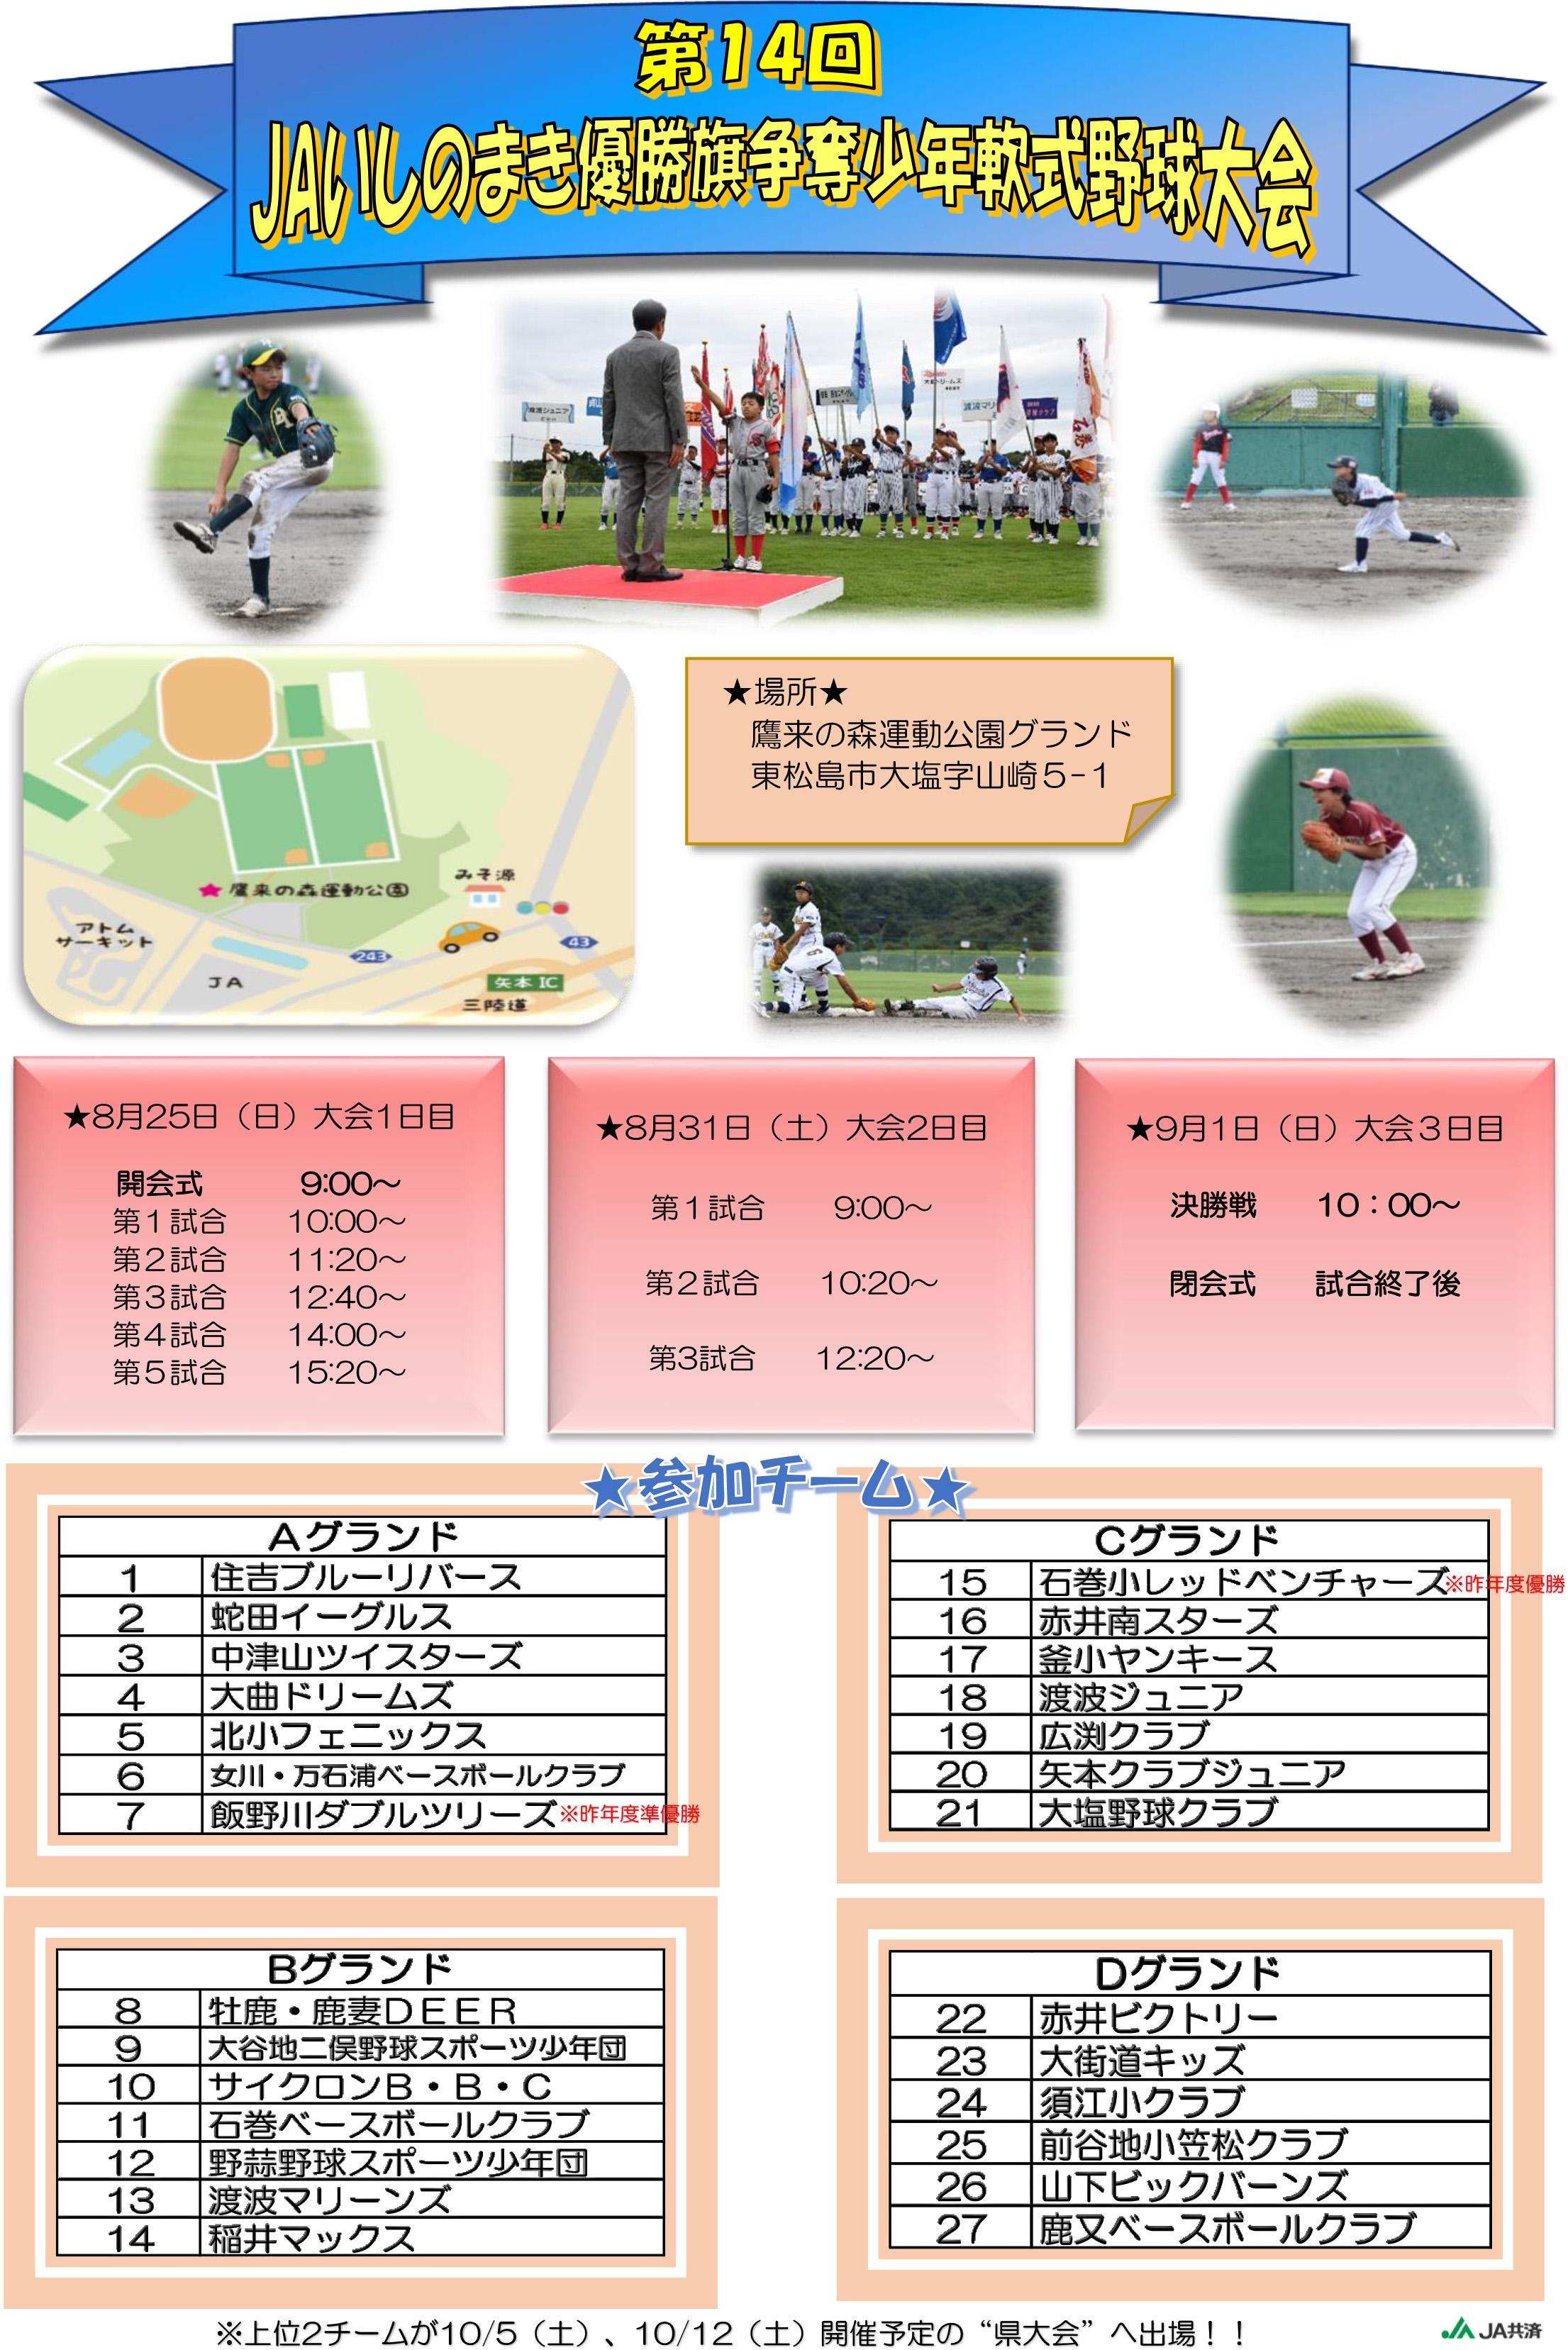 少年野球大会-1